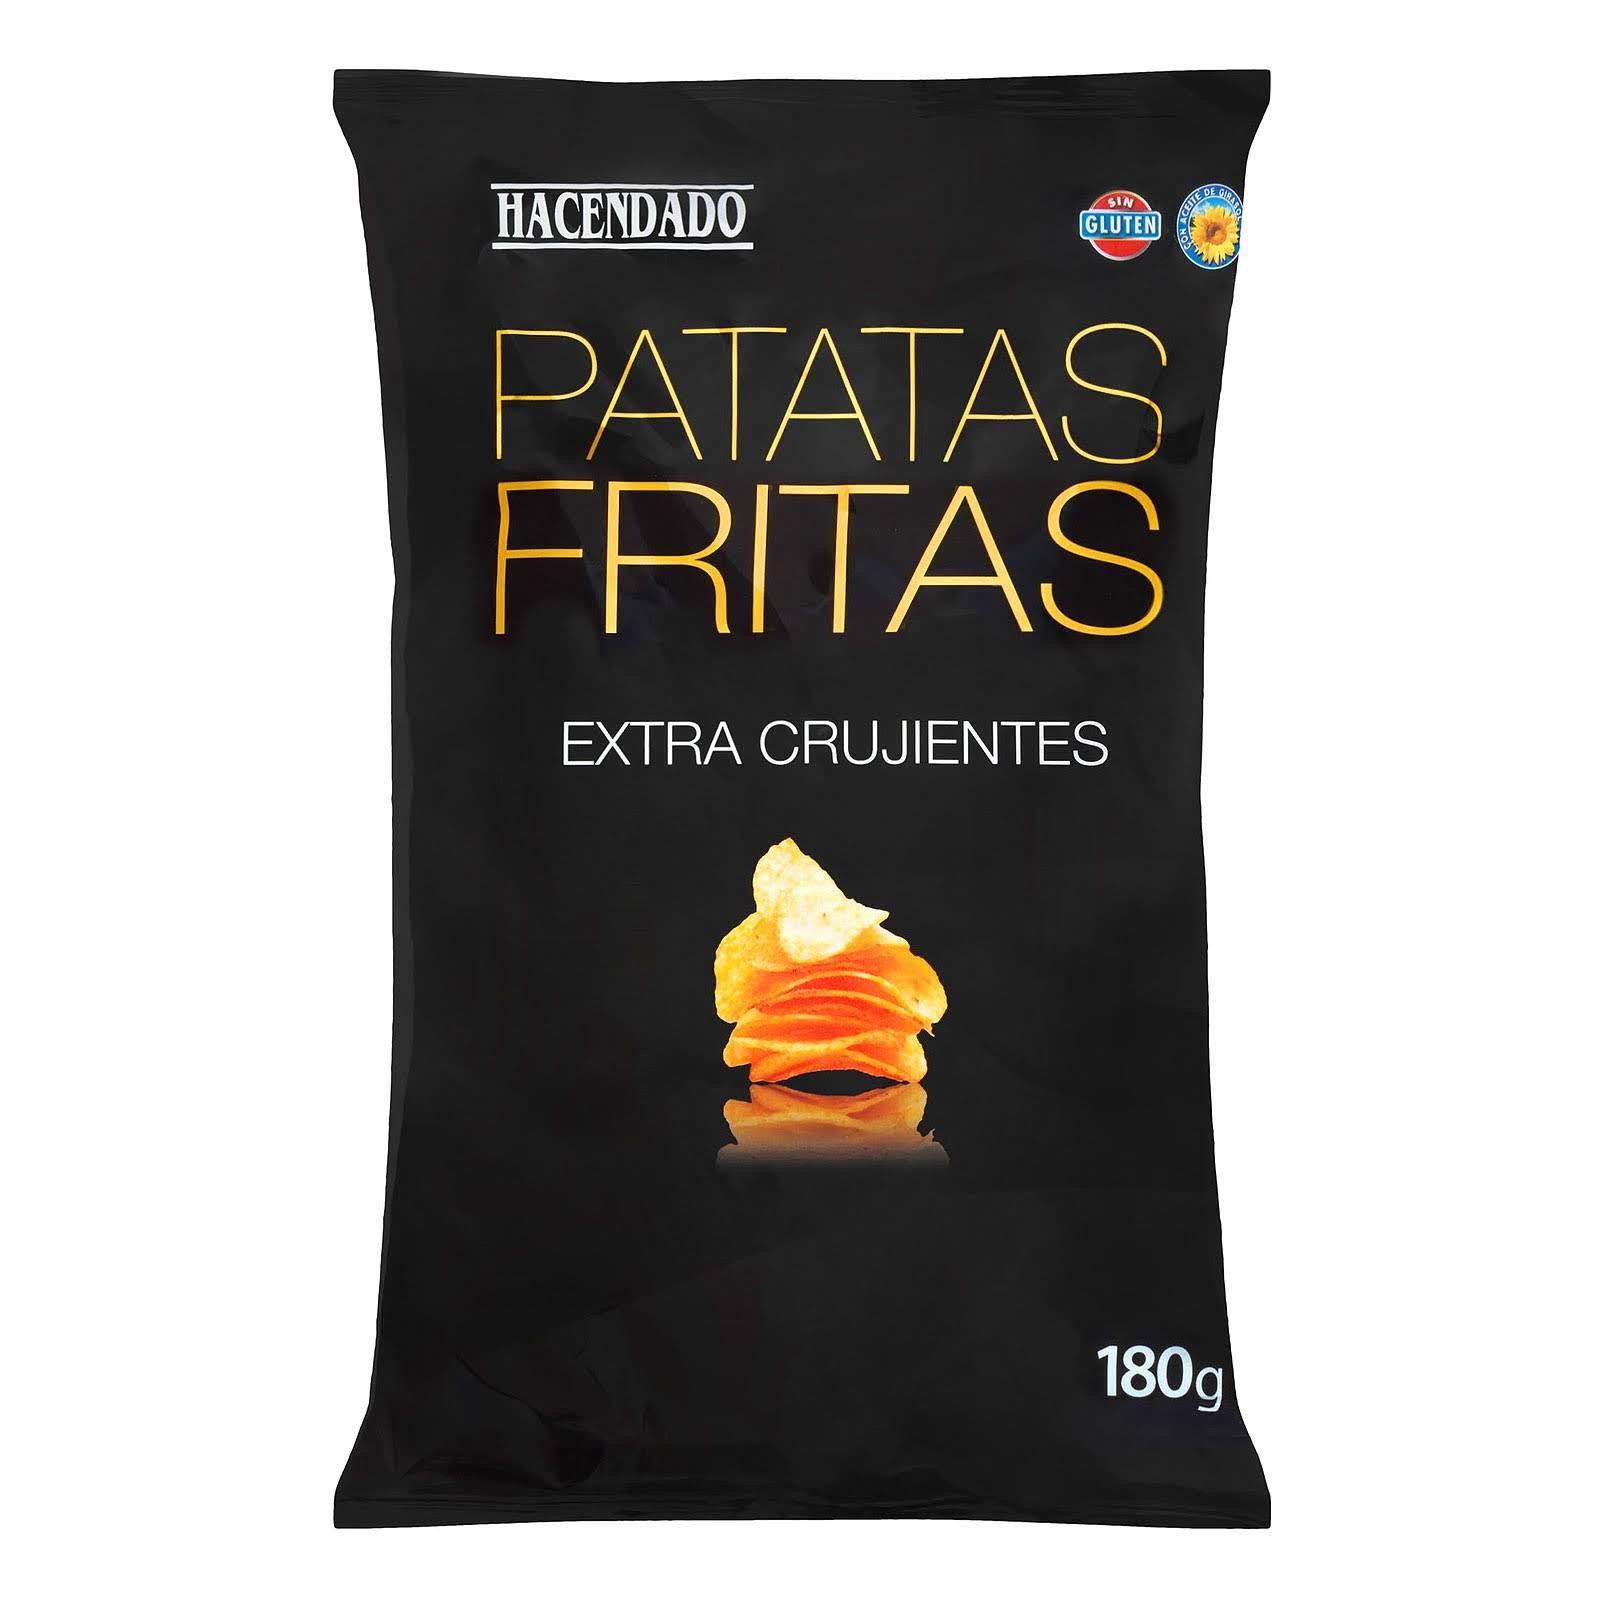 patatas fritas extra crujientes